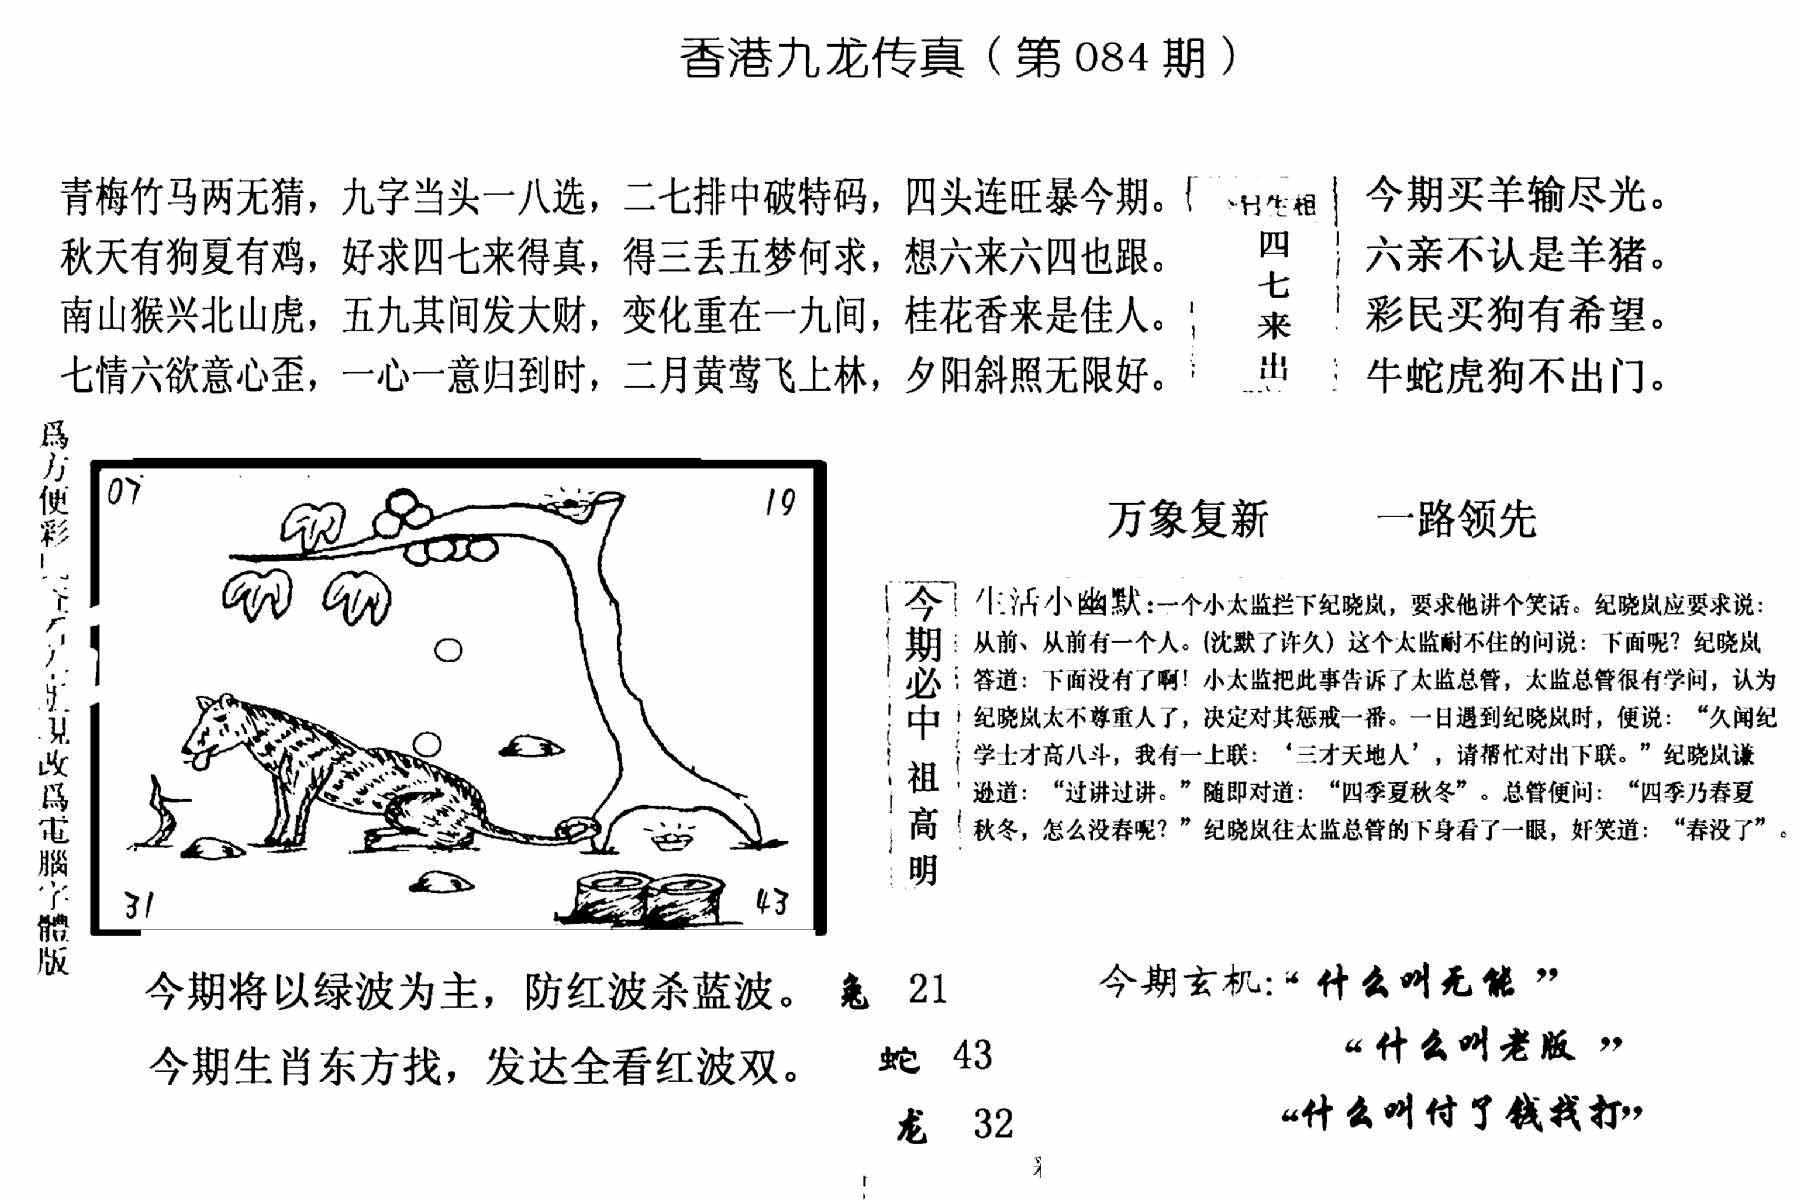 084期手写九龙内幕(电脑版)(黑白)